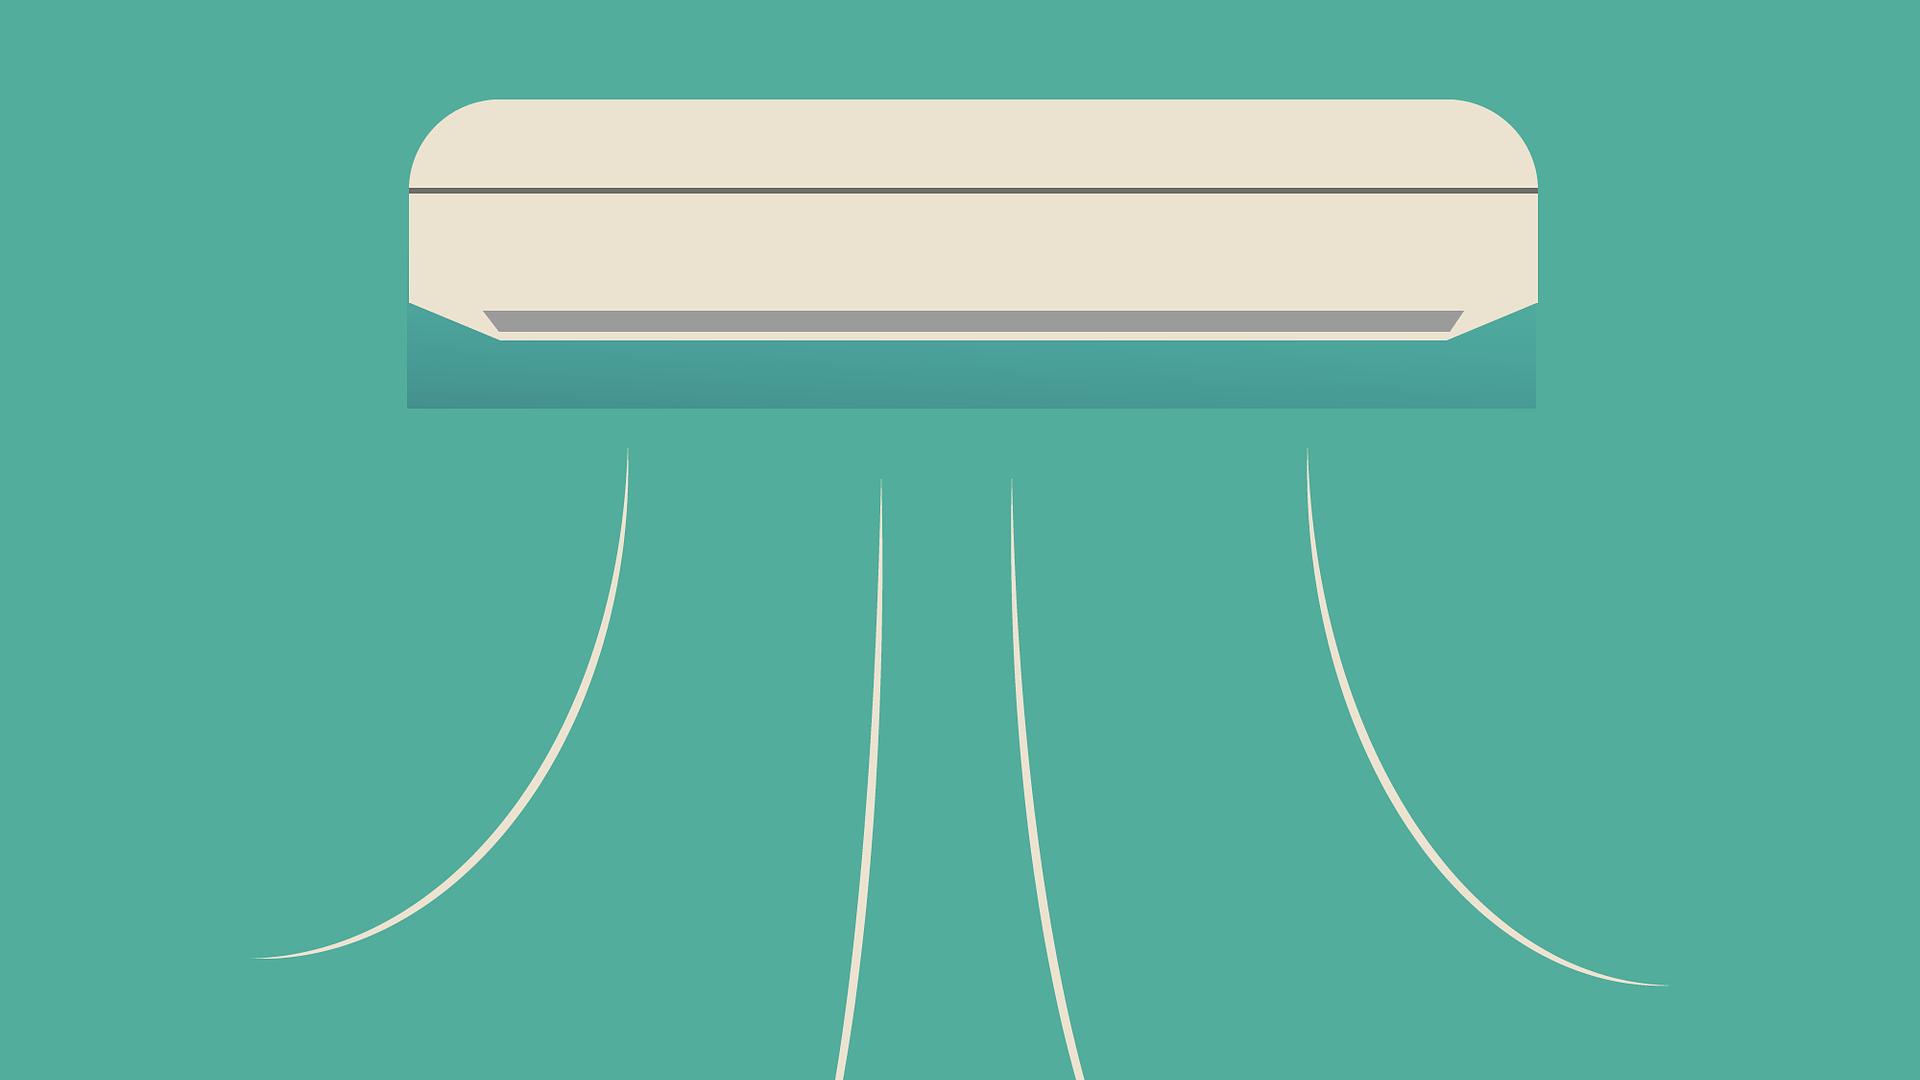 hitzeschutz im sommer einfache tipps f r zu hause. Black Bedroom Furniture Sets. Home Design Ideas